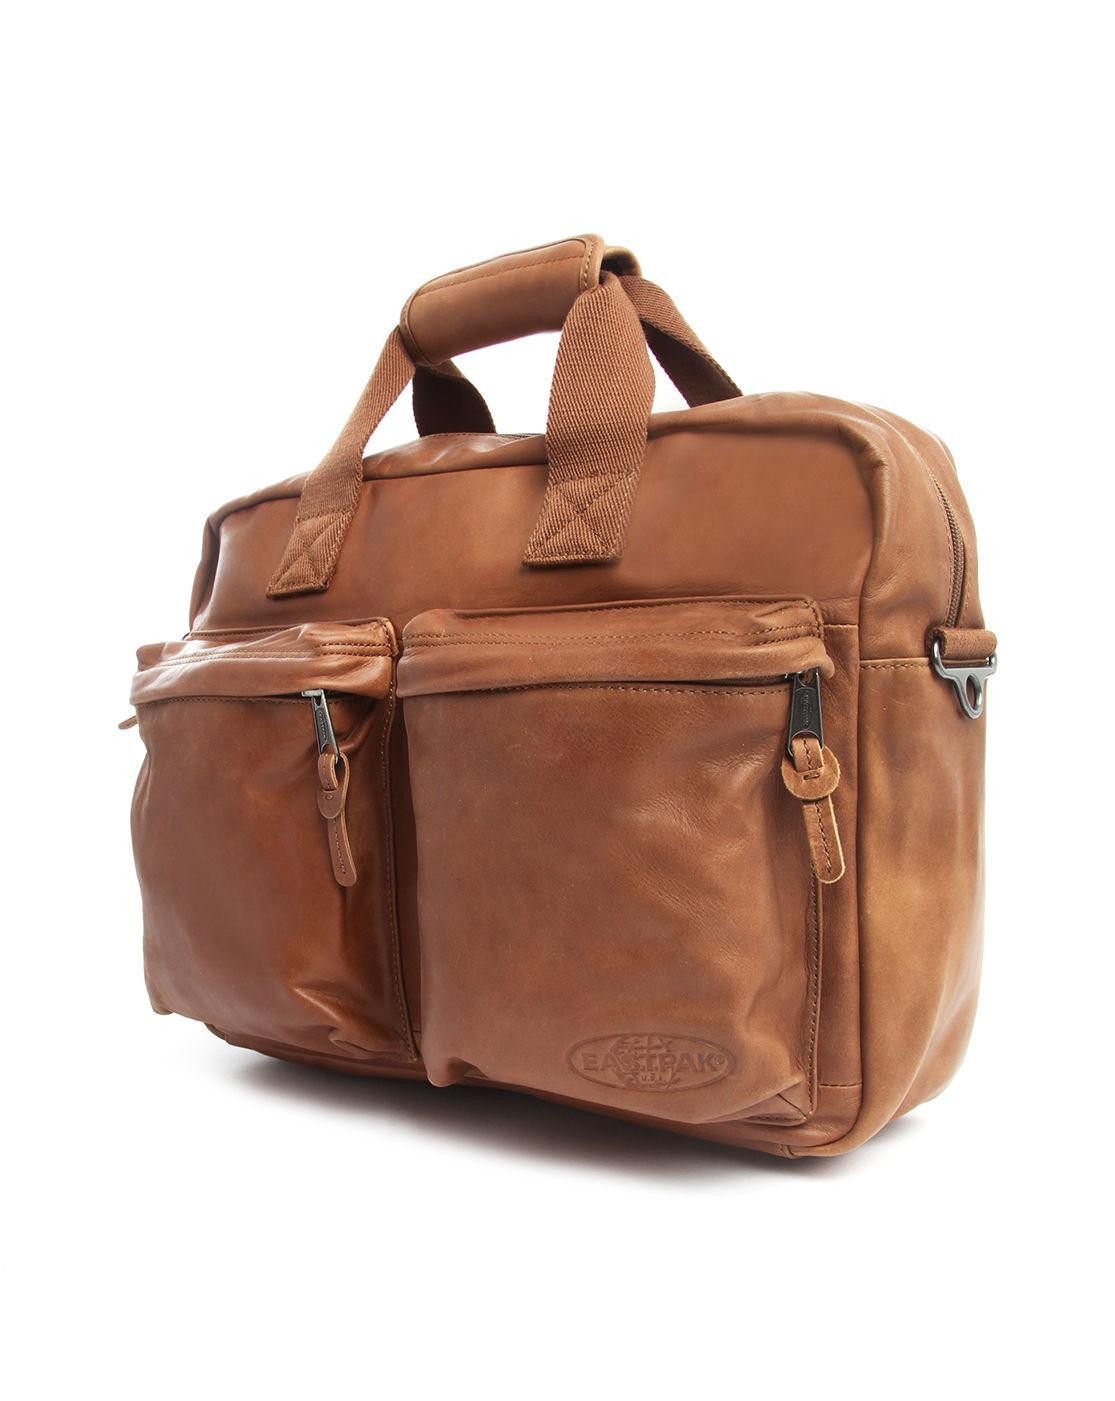 Leather Eastpak Backpack: Eastpak Tomec Camel Leather Day Bag In Brown For Men